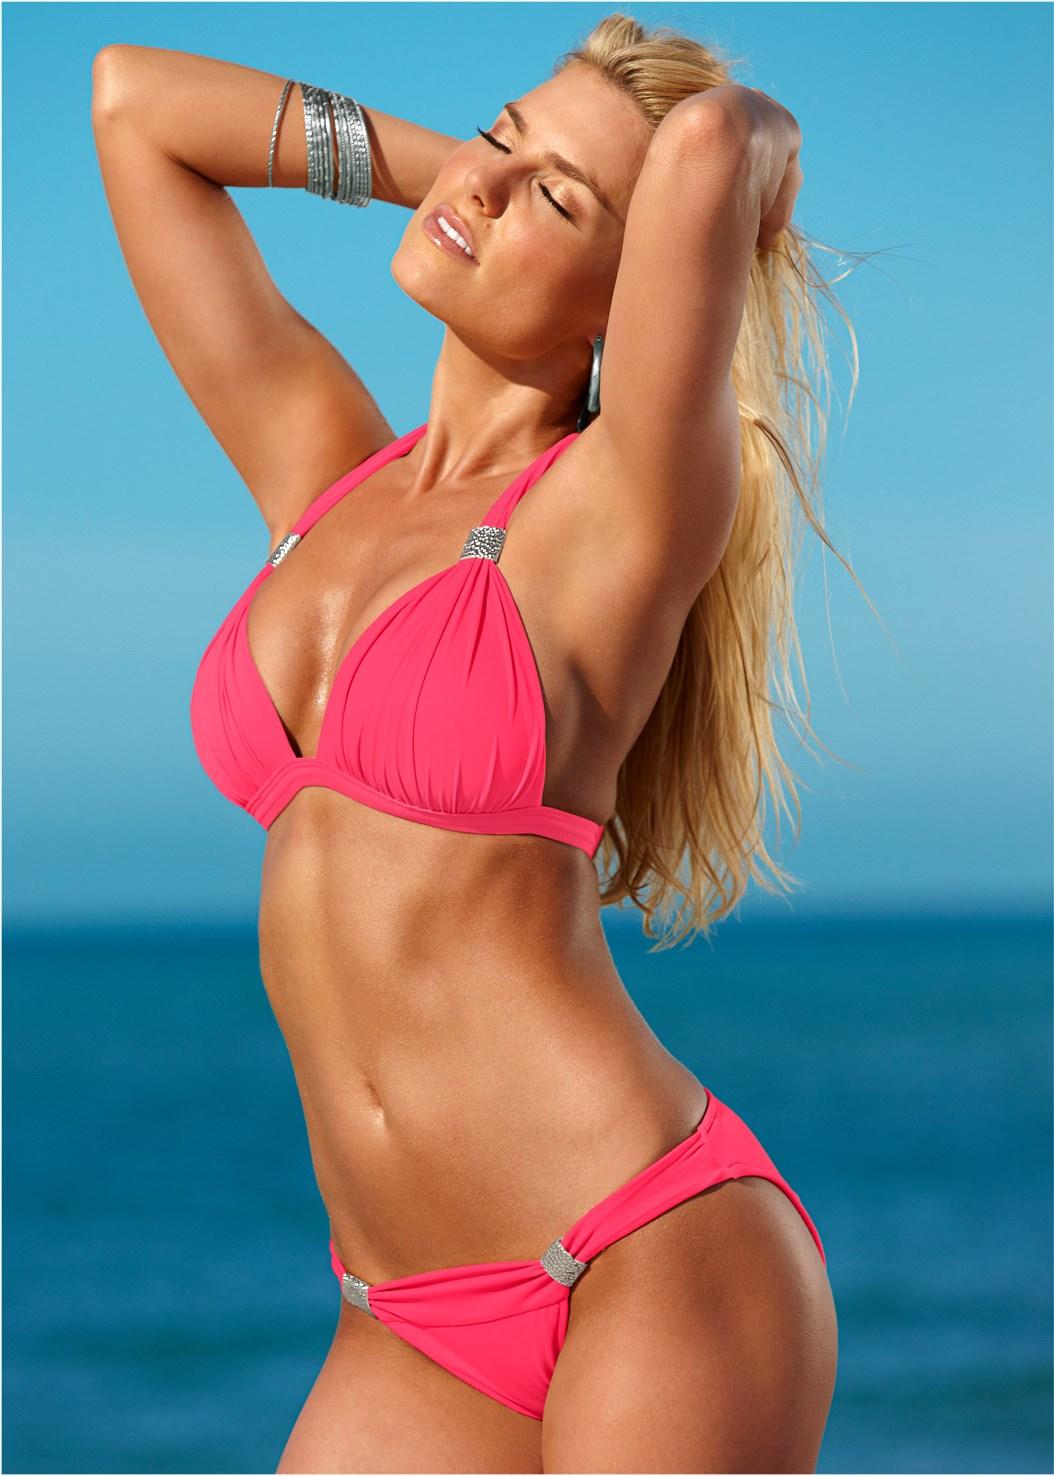 Goddess Low Rise Bottom,Goddess Enhancer Push Up Halter Top,Lovely Lift Wrap Bikini Top